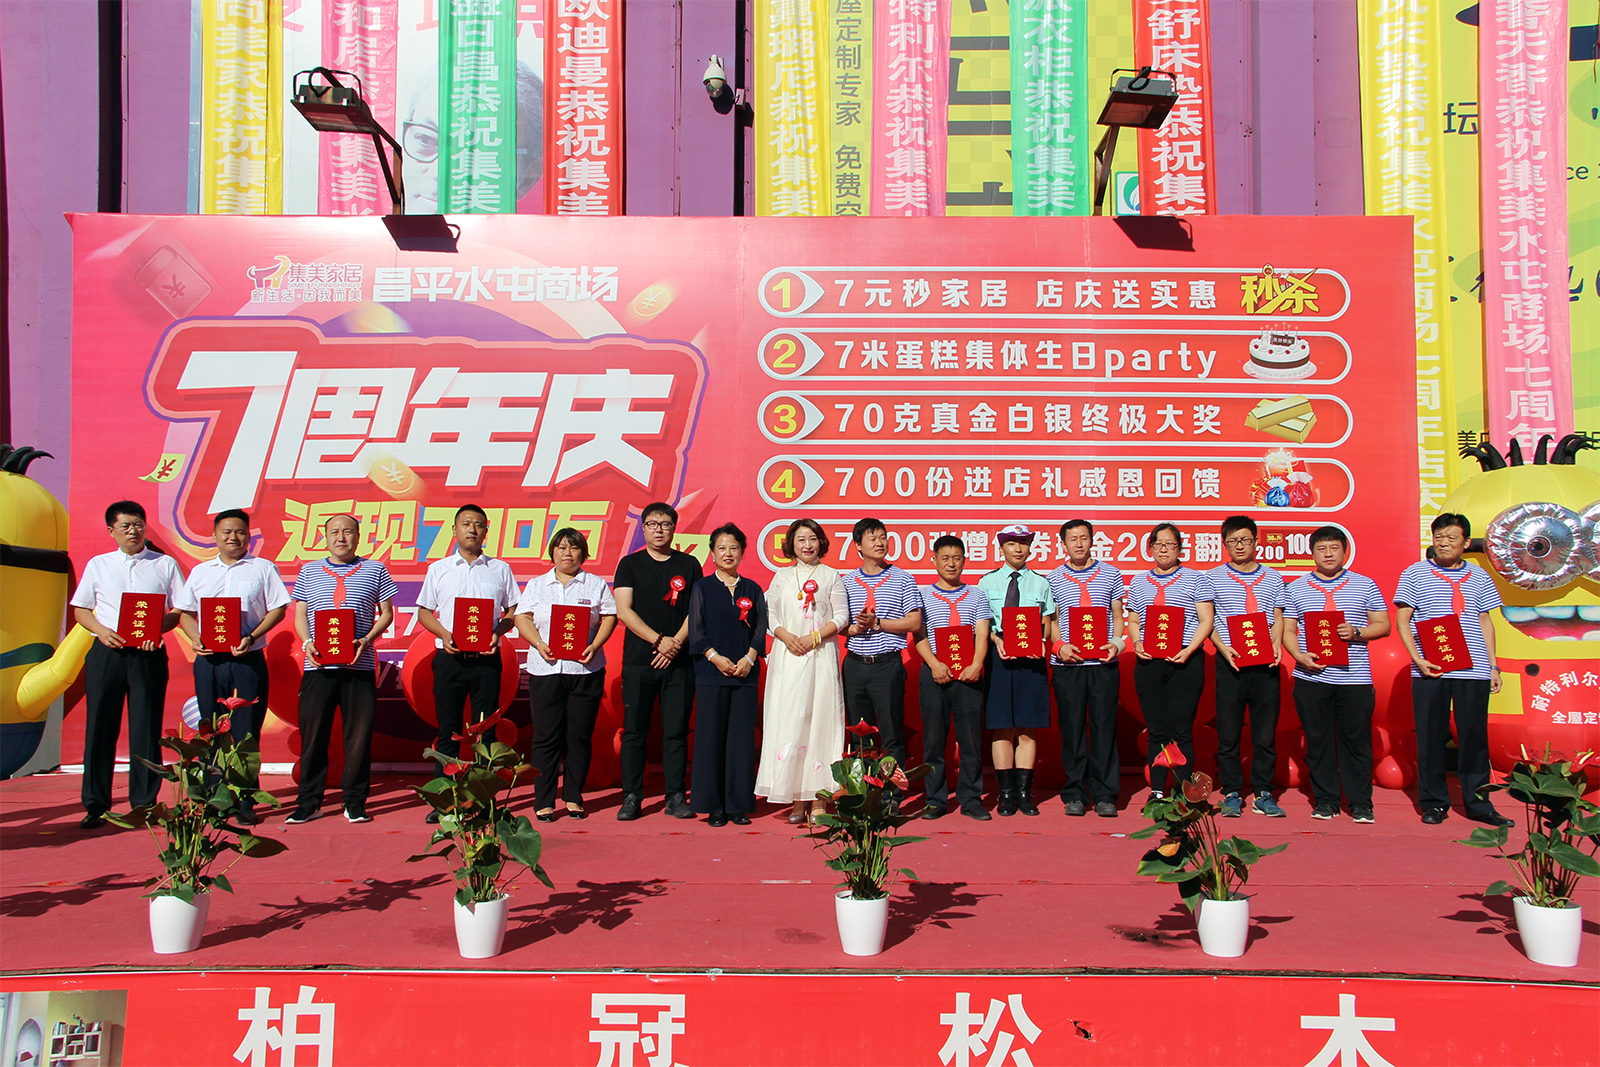 集美家居昌平水屯商场7周年庆典仪式隆重举行